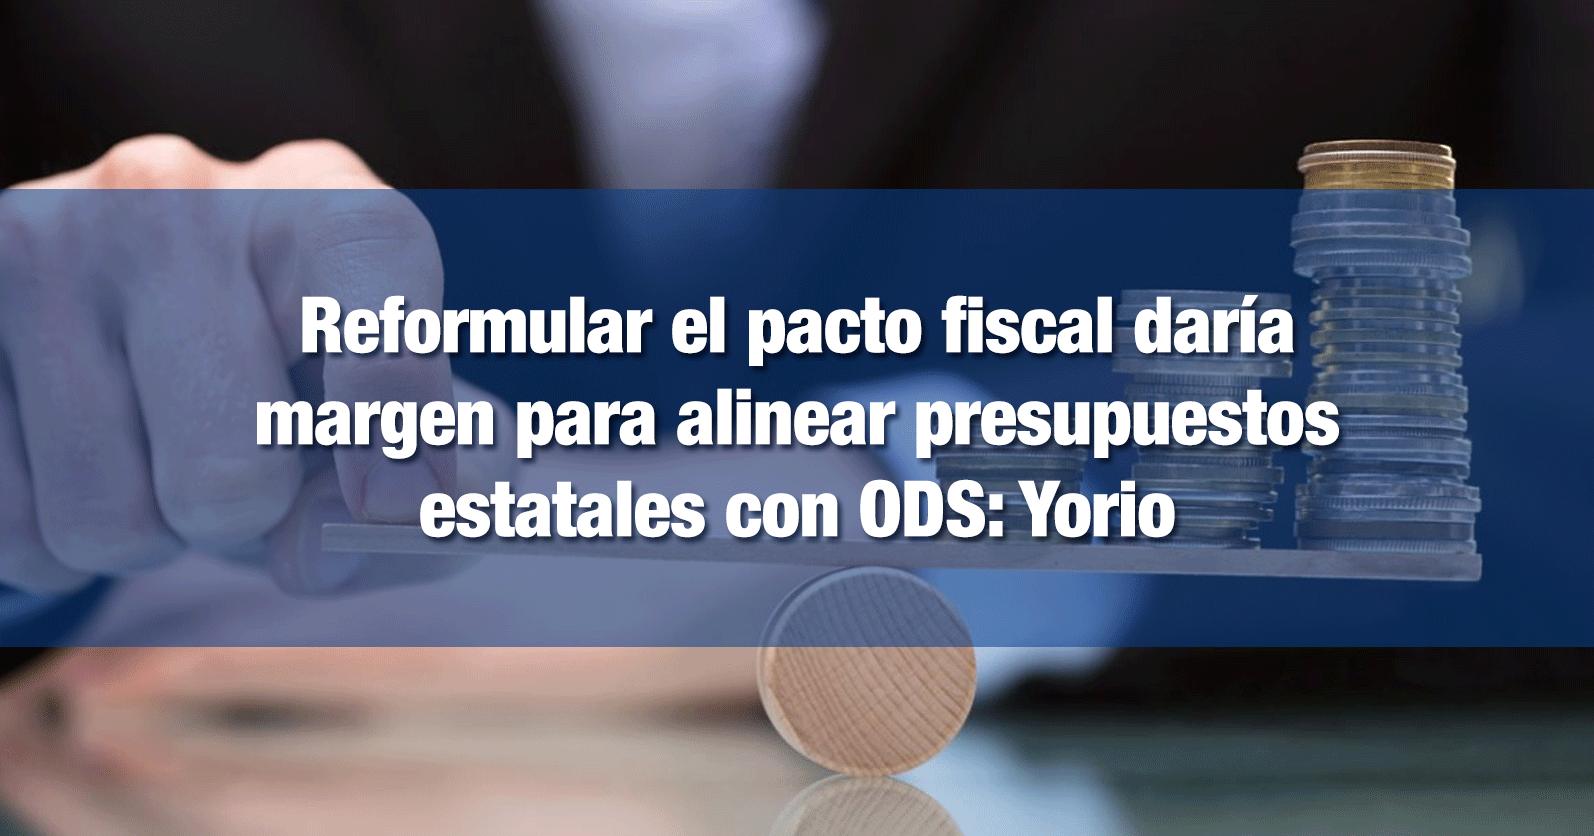 Reformular el pacto fiscal daría margen para alinear presupuestos estatales con ODS: Yorio